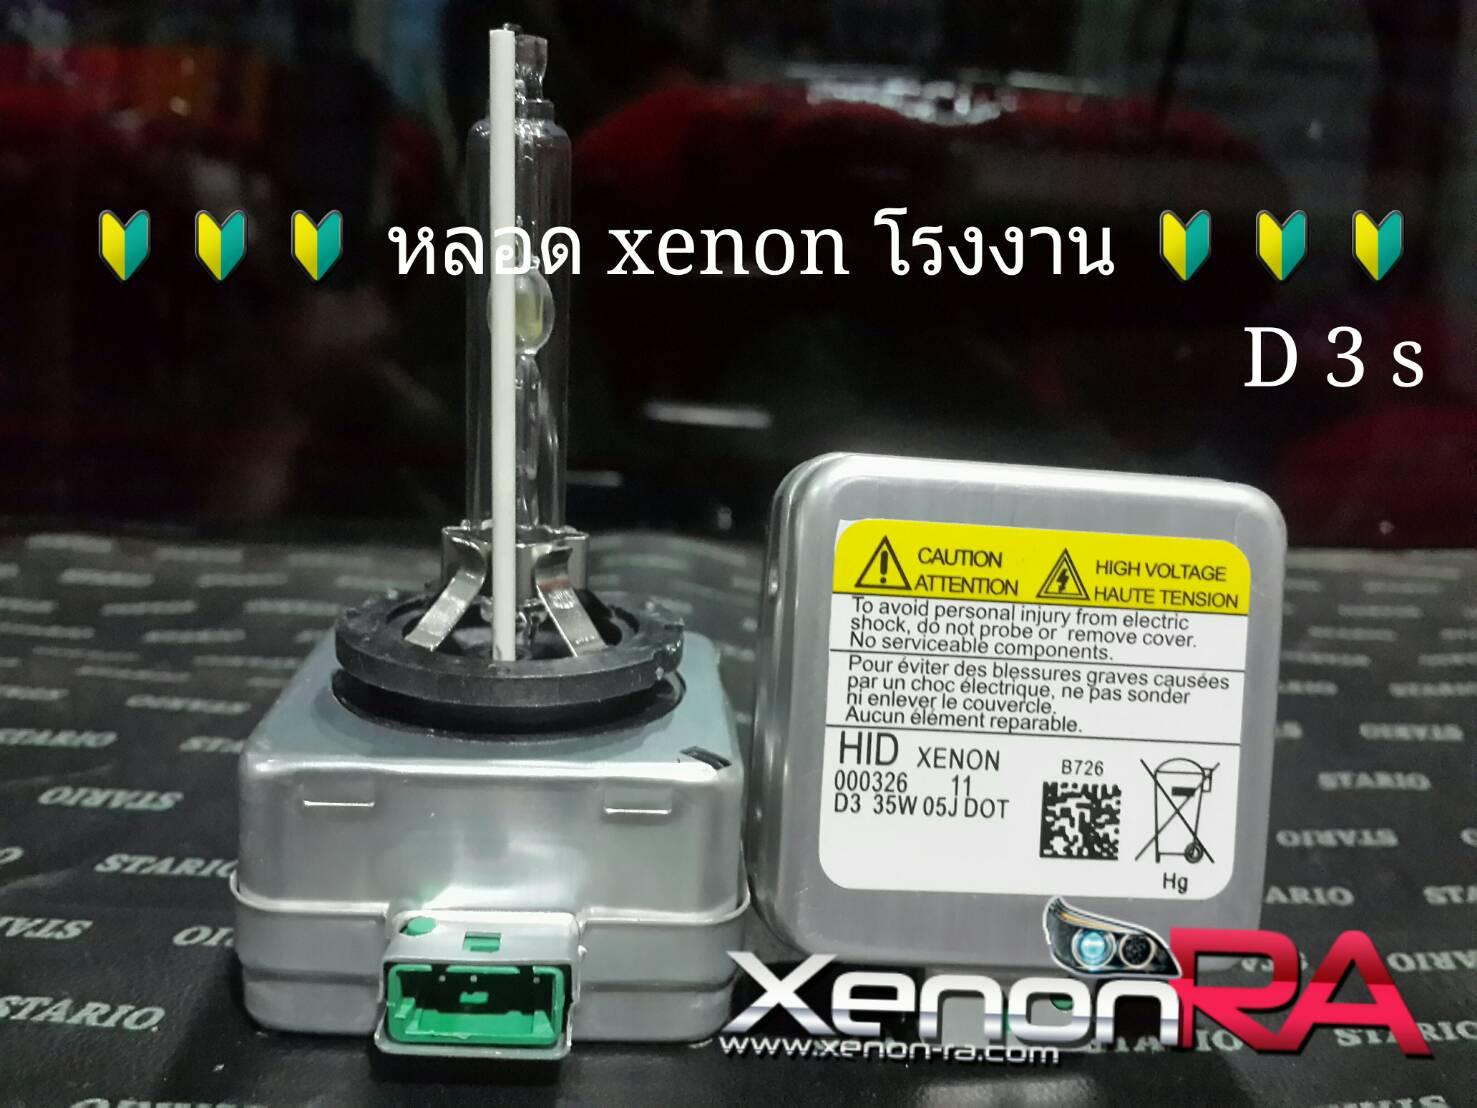 หลอด XENON - D3 สำหรับรถที่เป็น ซีนอลโรงงาน อยู่แล้ว UPGRADE